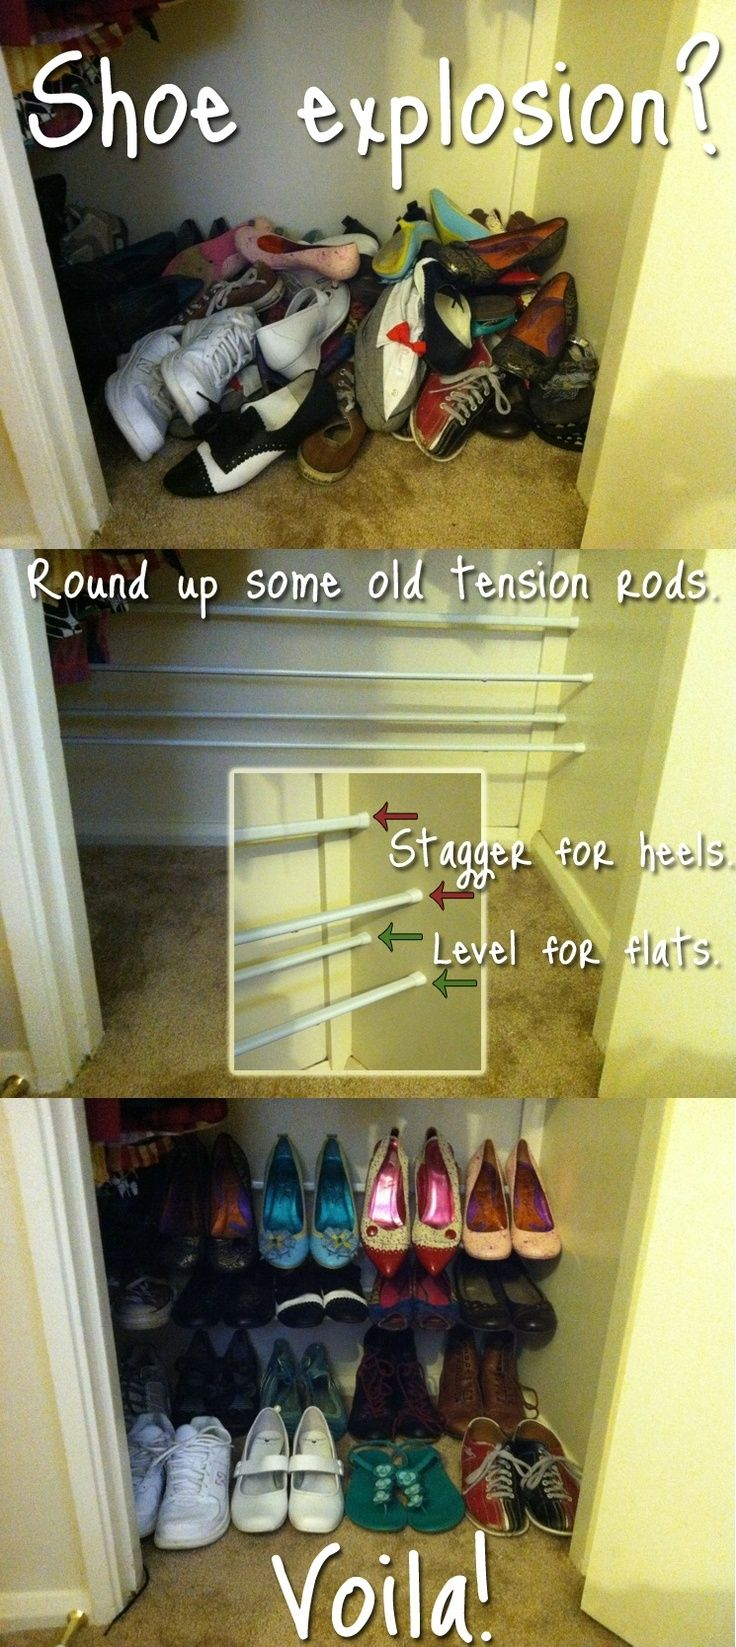 Hastes de tensão para manter e organizar sapatos. Você não tem as hastes de tensão, mas tem um monte de hastes de cortina regulares .... Eu tenho uma idéia!